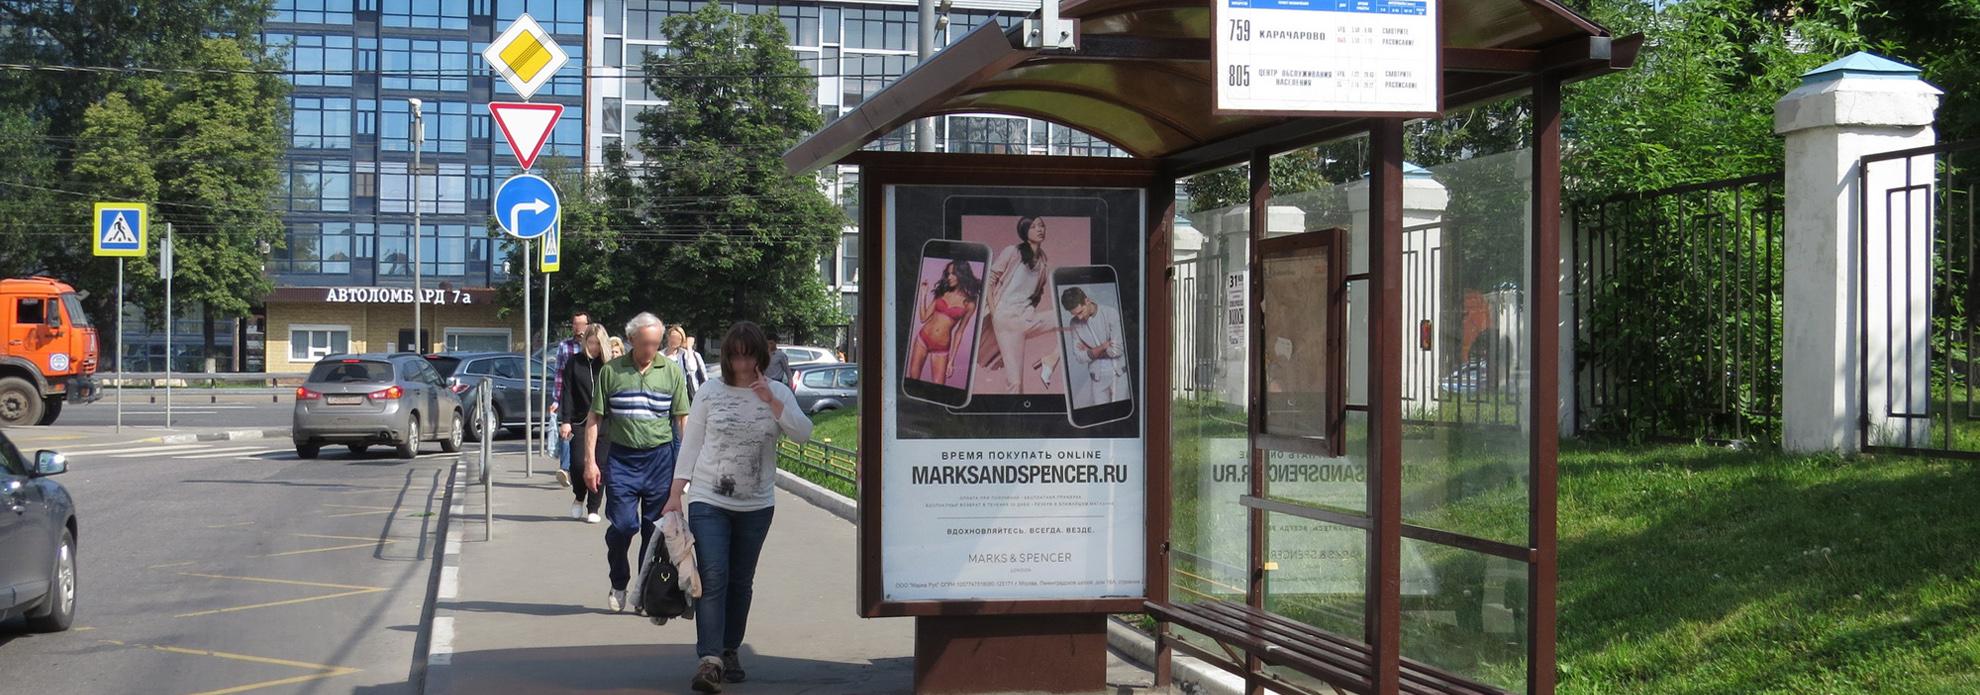 Reklama-na-ostanovkah-moscow